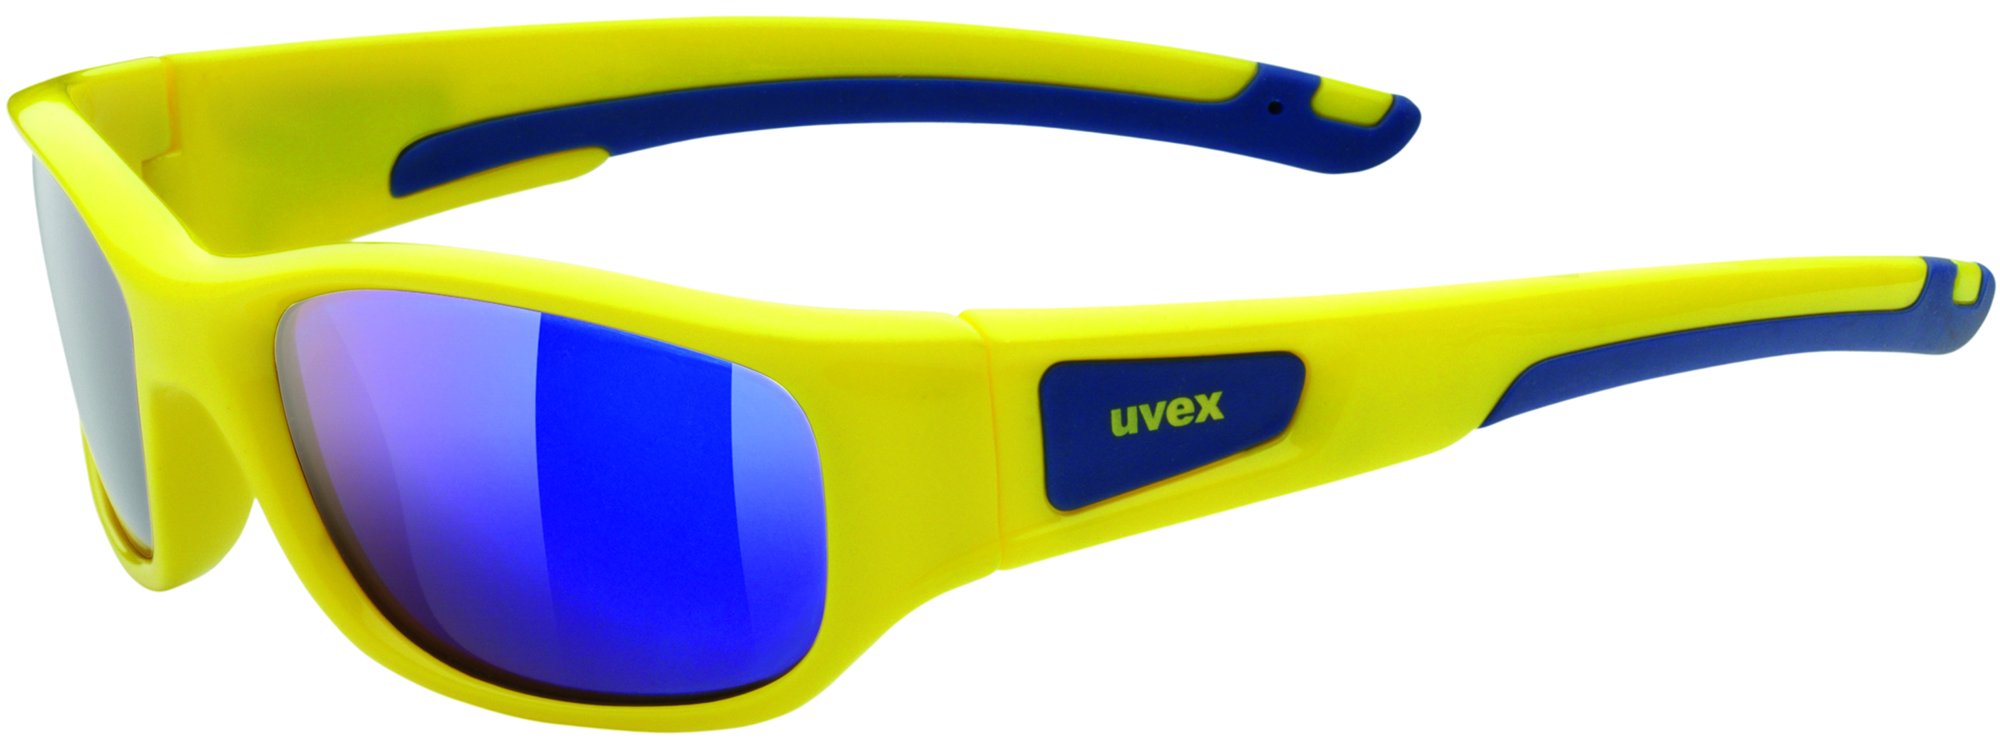 Фото - Uvex Солнцезащитные очки детские Uvex Sportstyle 506 cолнцезащитные очки real kids детские серф оранжевые 7surnor